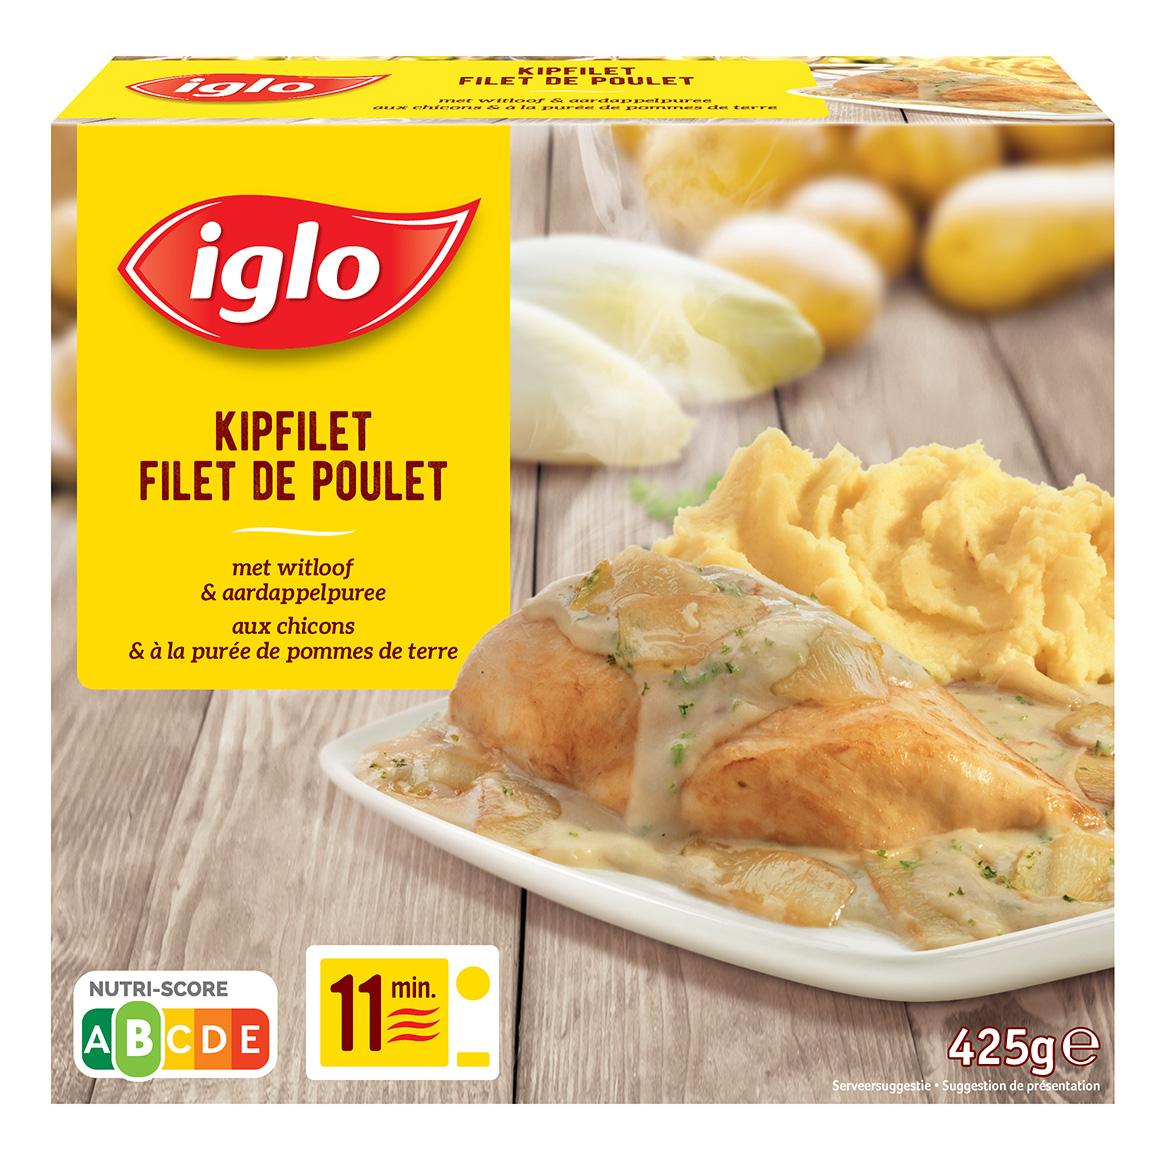 filet de poulet chicon 425g